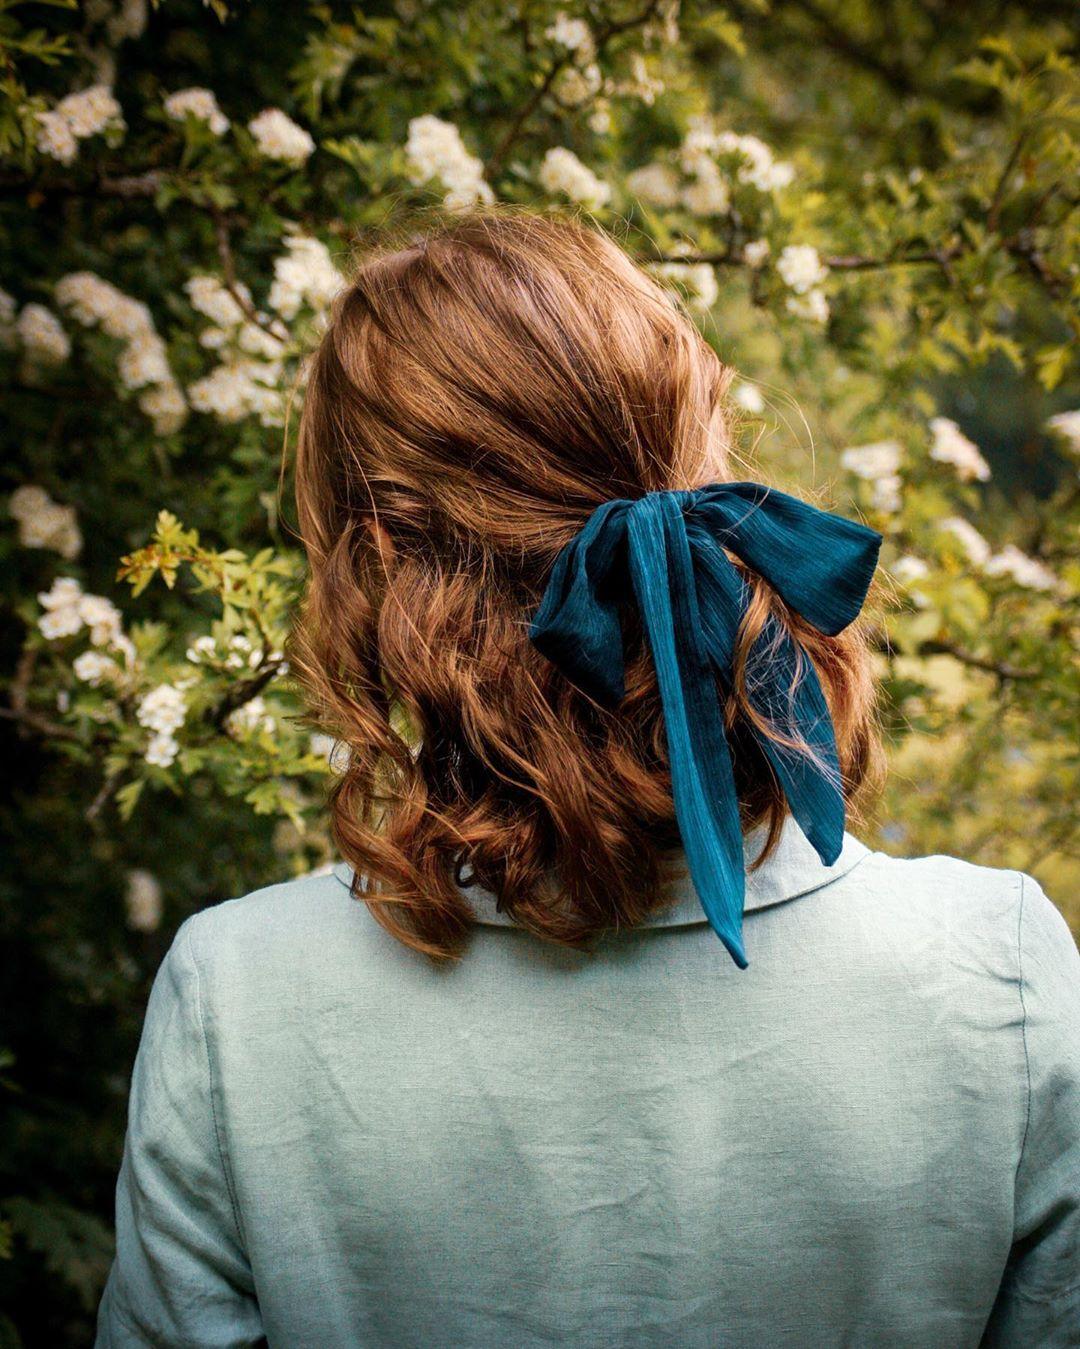 Ruy băng vải buộc tóc màu xanh phong cách thời trang Cottagecore